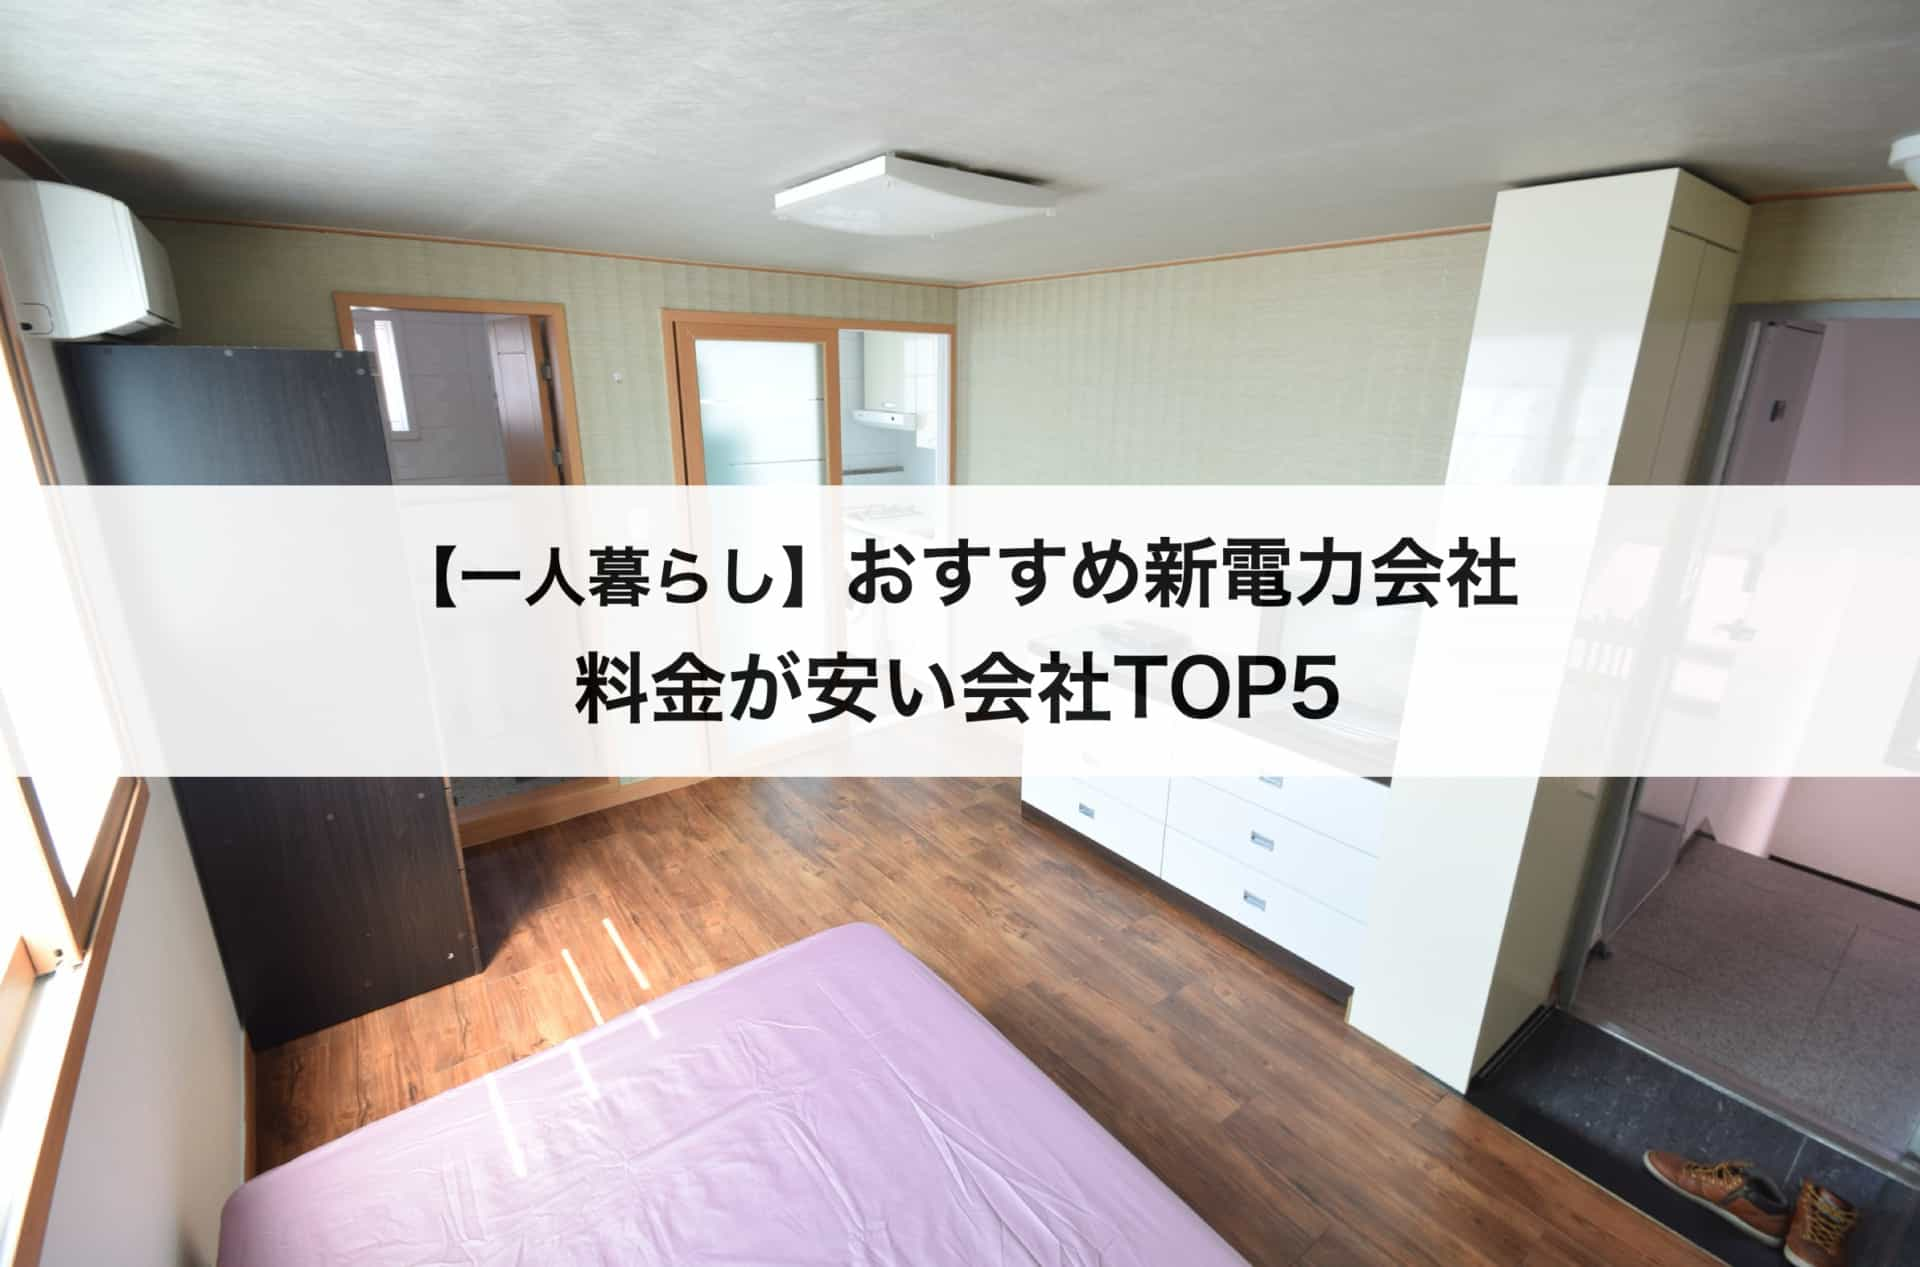 【一人暮らし】新電力会社おすすめランキングTOP5|料金が安い会社を大公開!